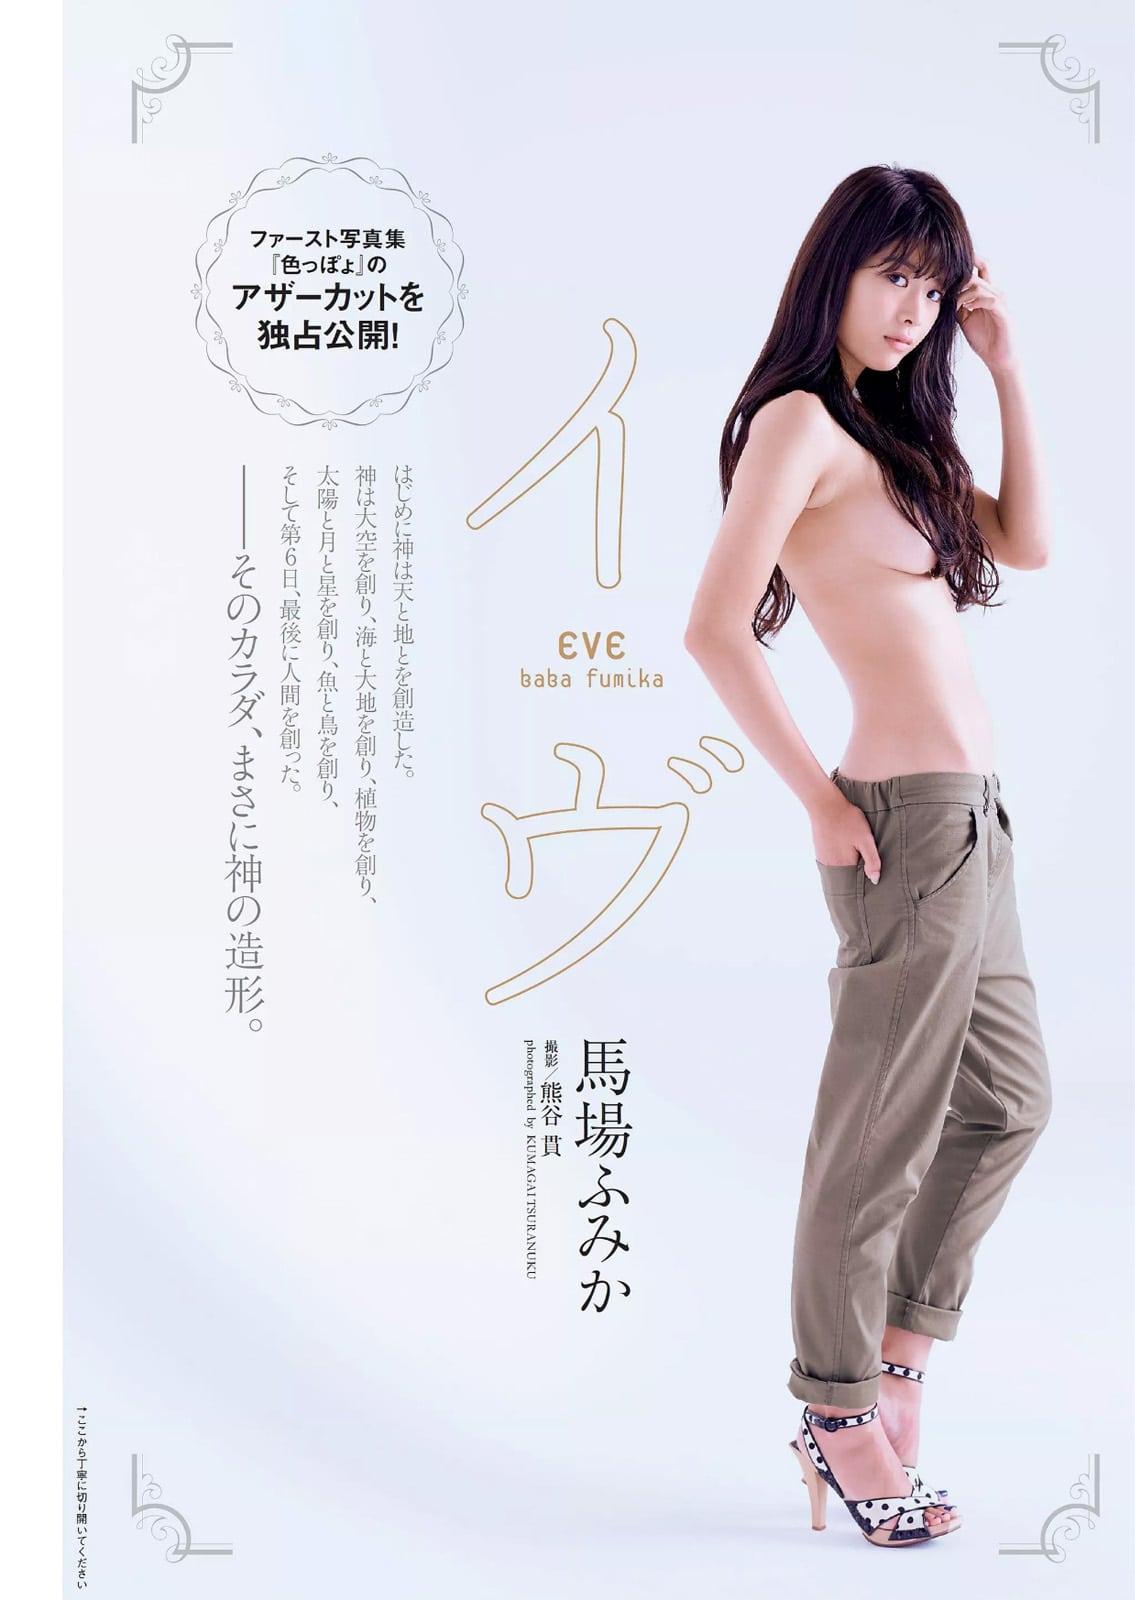 「週刊プレイボーイ 2016 No.51」馬場ふみかの髪ブラグラビア